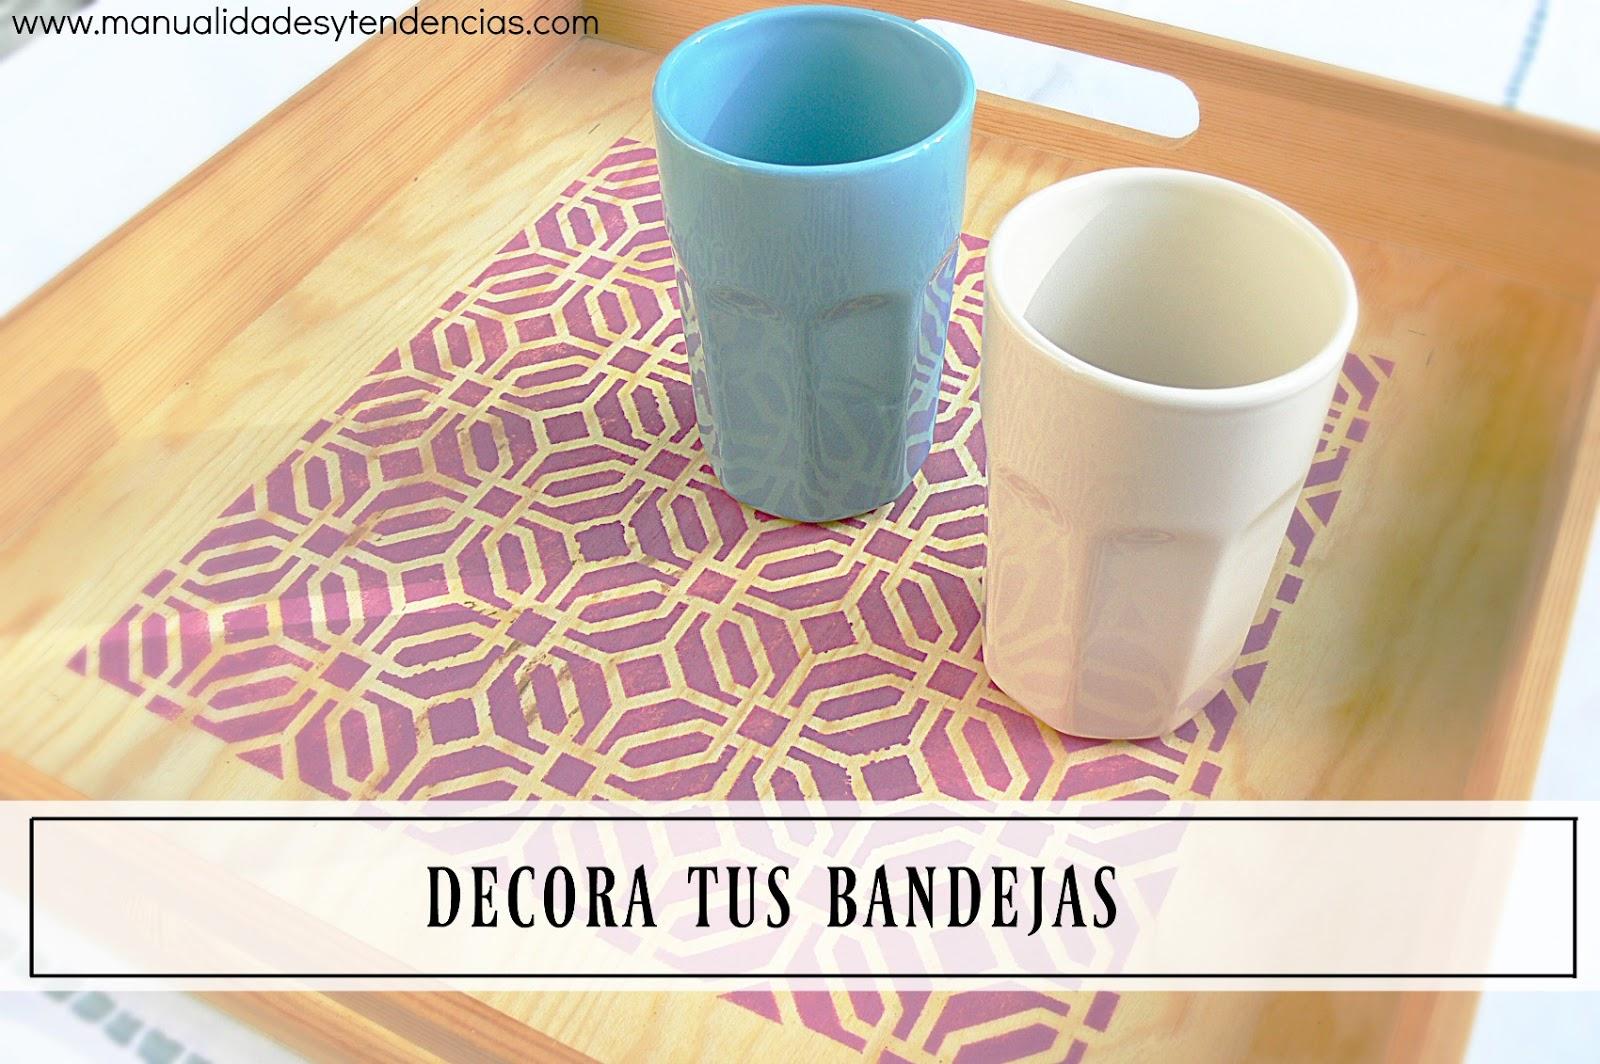 Manualidades y tendencias: Cómo decorar con plantillas / Stencil ...